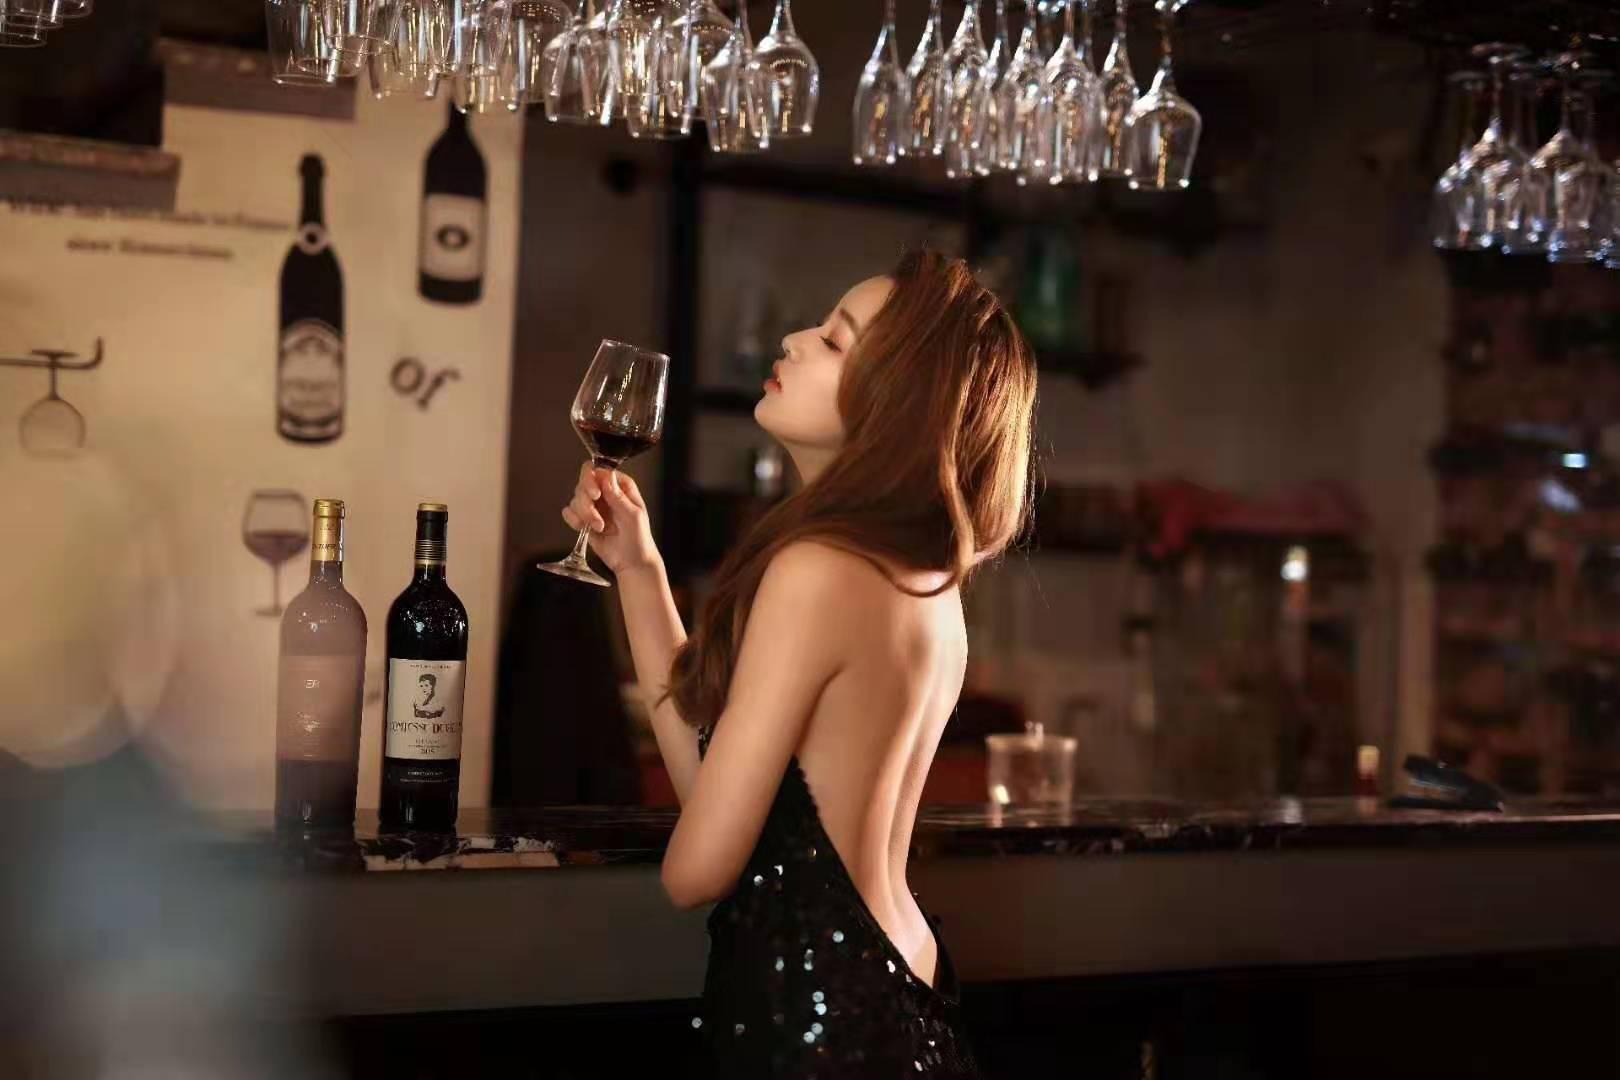 佳能摄影讲座和酒吧美女模特拍摄的通知 (免费参加)